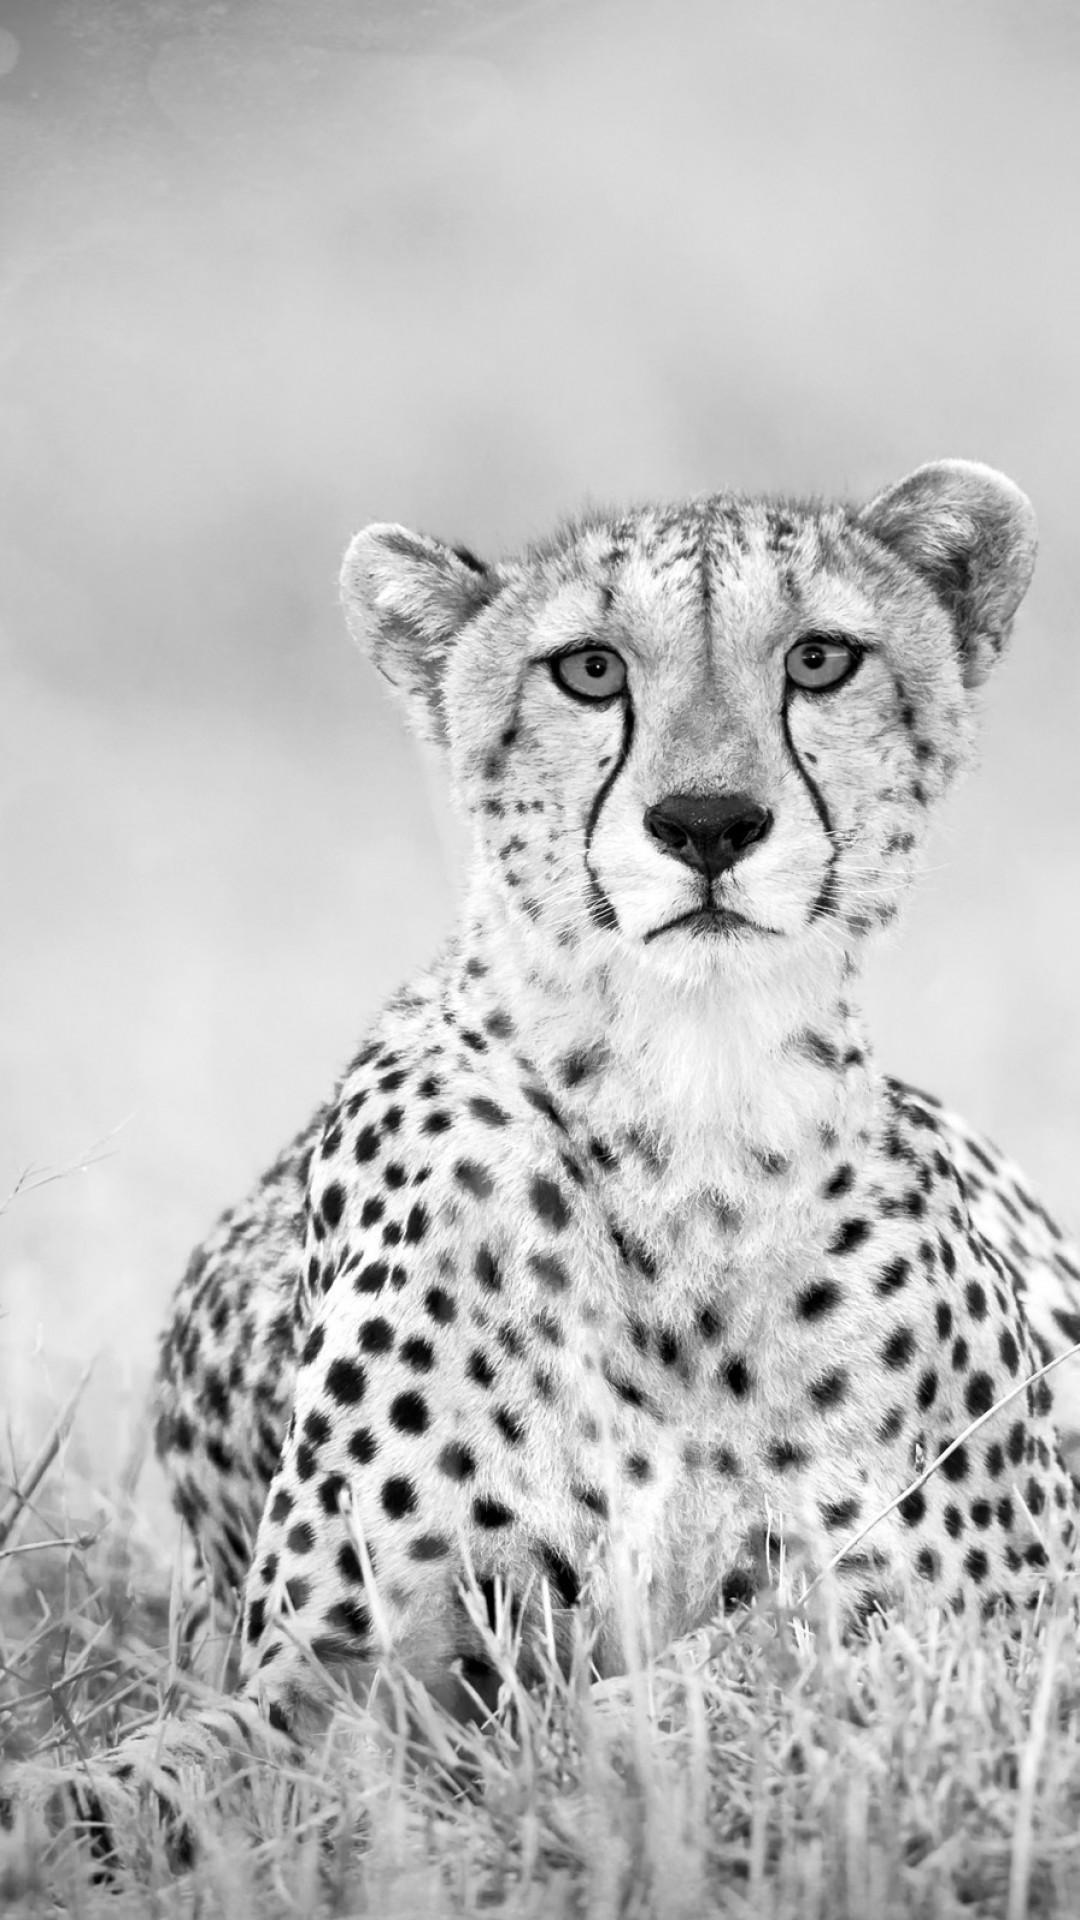 black cheetah wallpaper 69 images